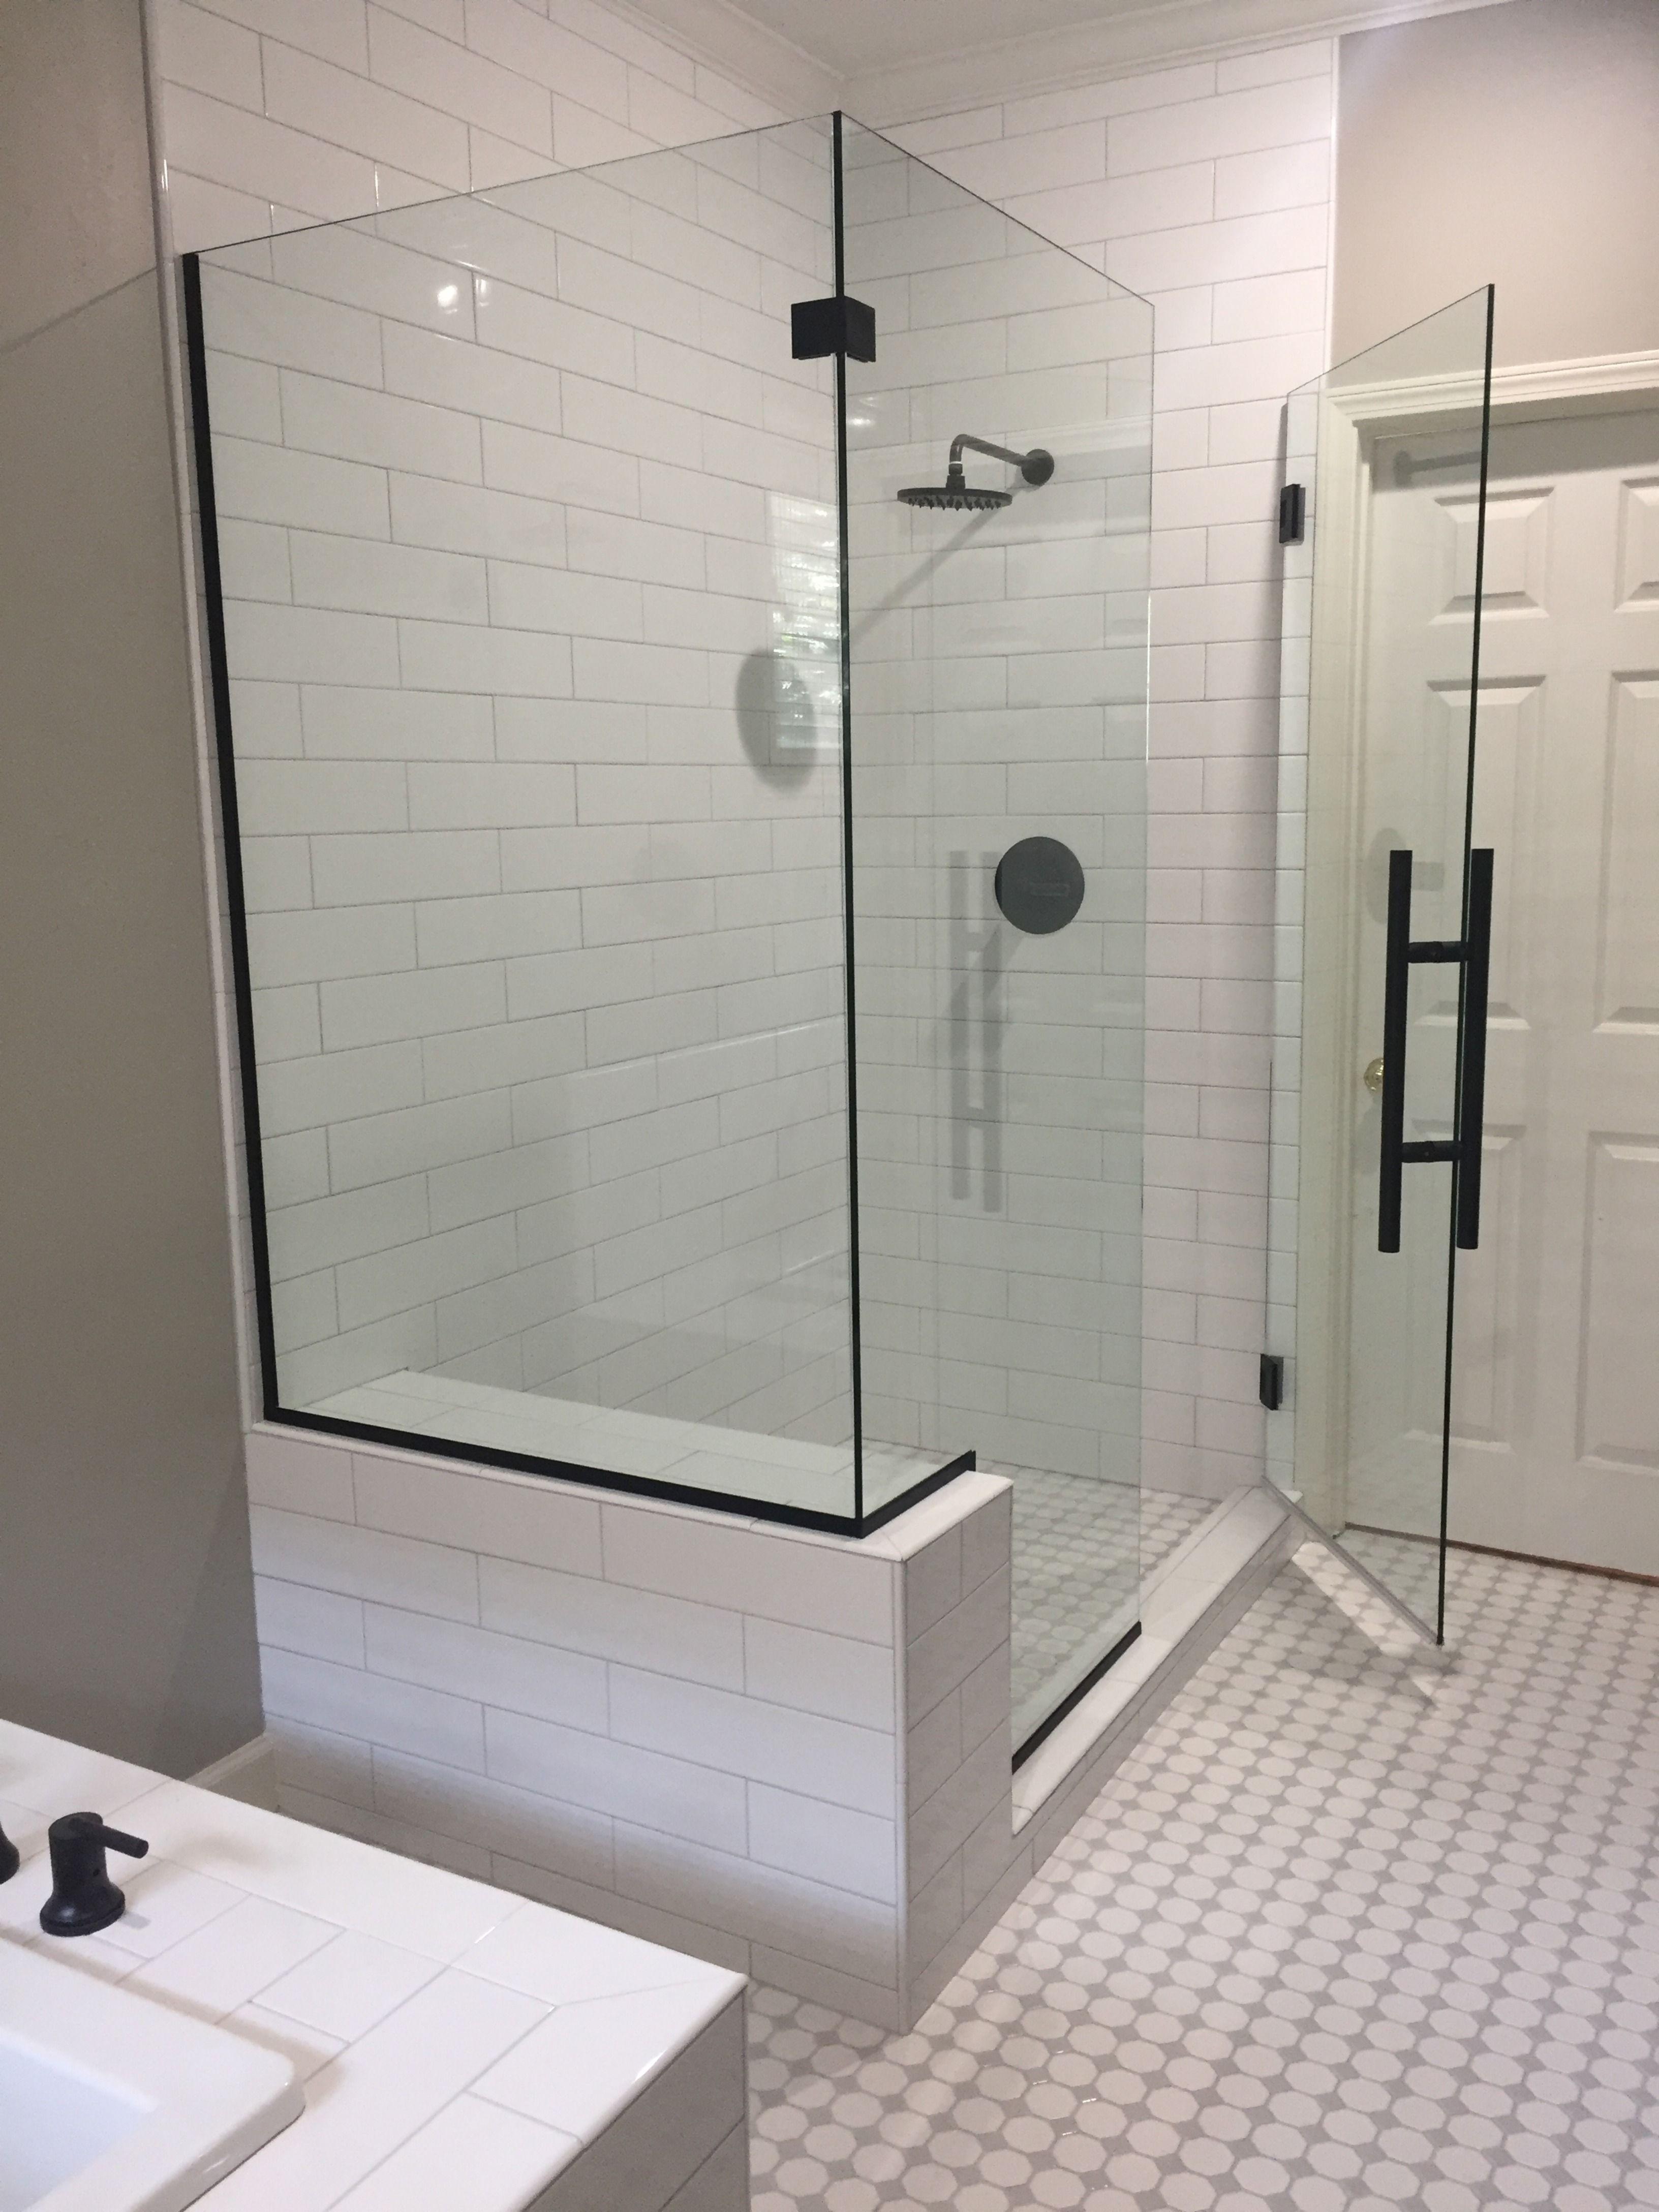 Matte Black Frameless Shower Door Shower Doors Frameless Shower